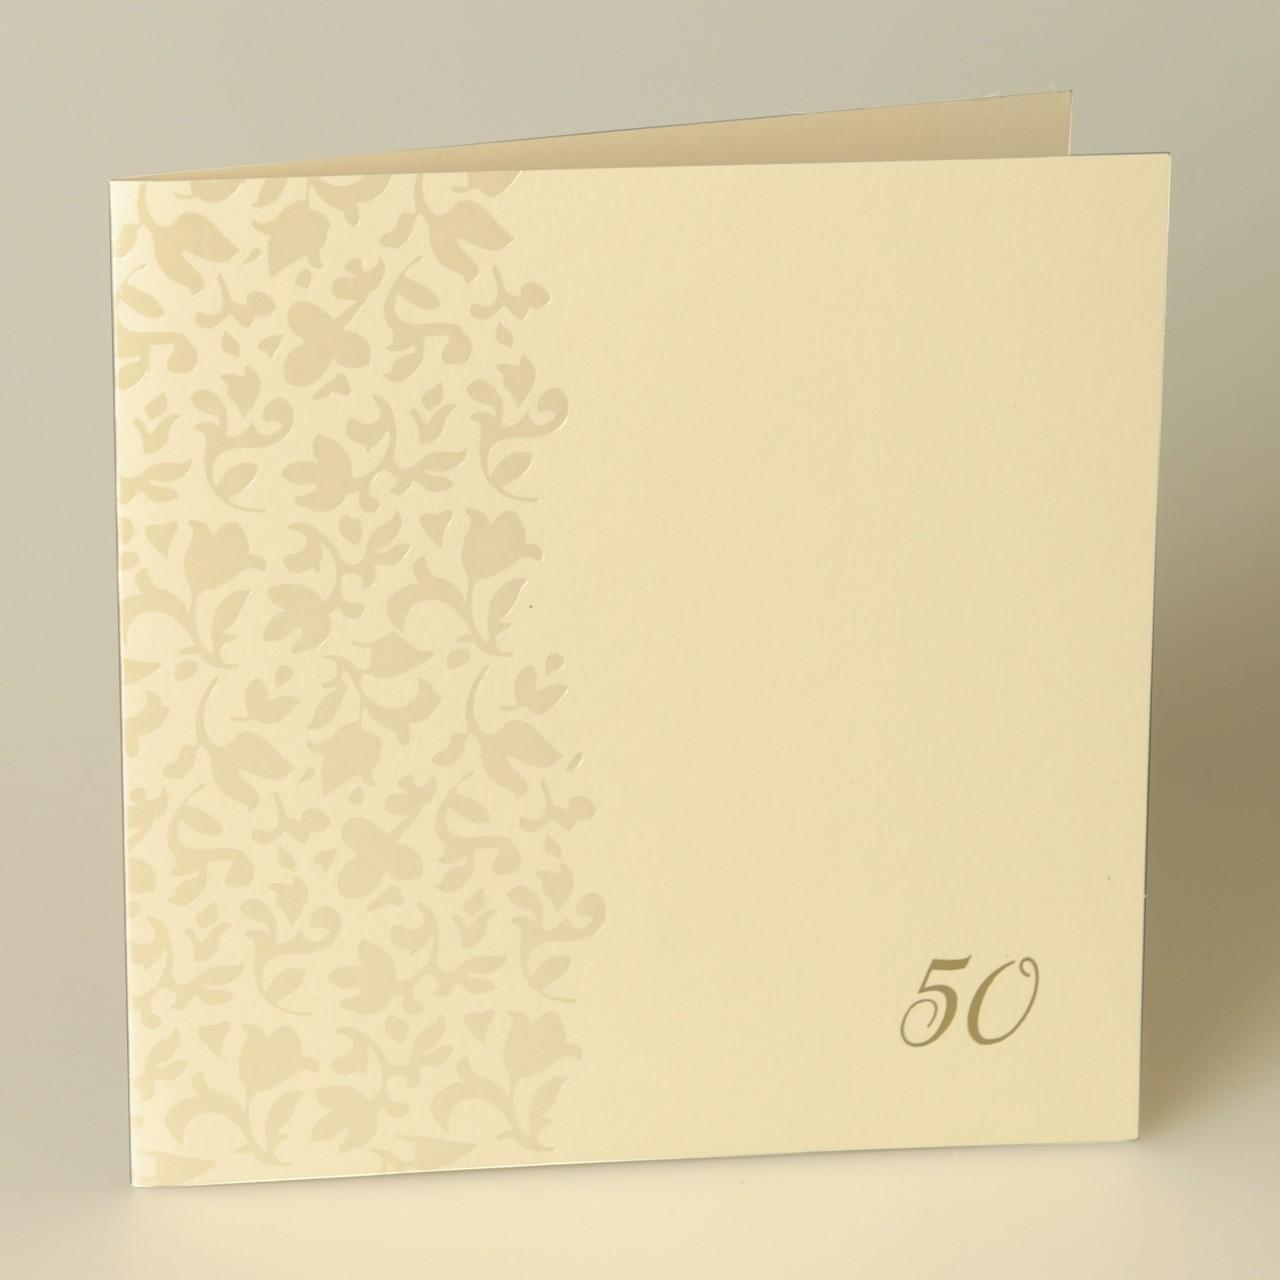 Cremefarbene quadratische Karte mit perlmuttfarbenen Ornamenten und individueller Zahlenprägung in gold, Kuvert beige.